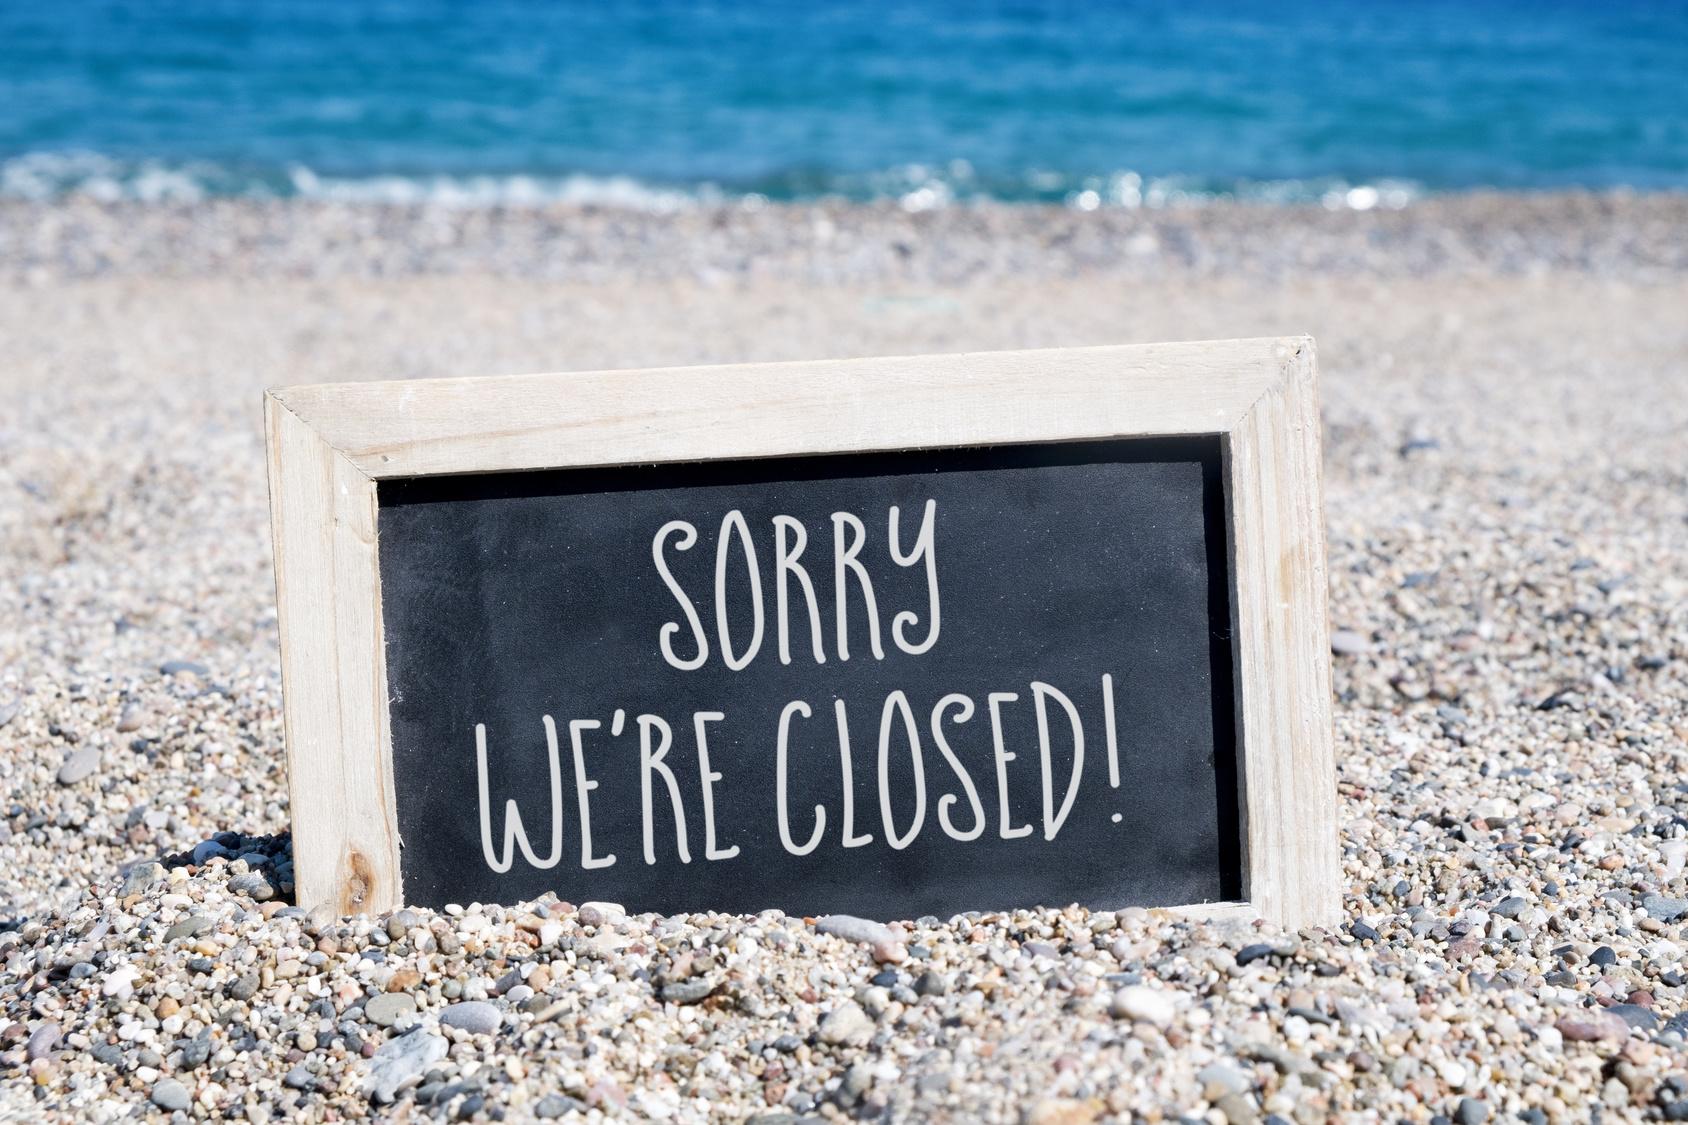 Cerrado por vacaciones tp link wifi en cualquier sitio cerrado por vacaciones thecheapjerseys Image collections